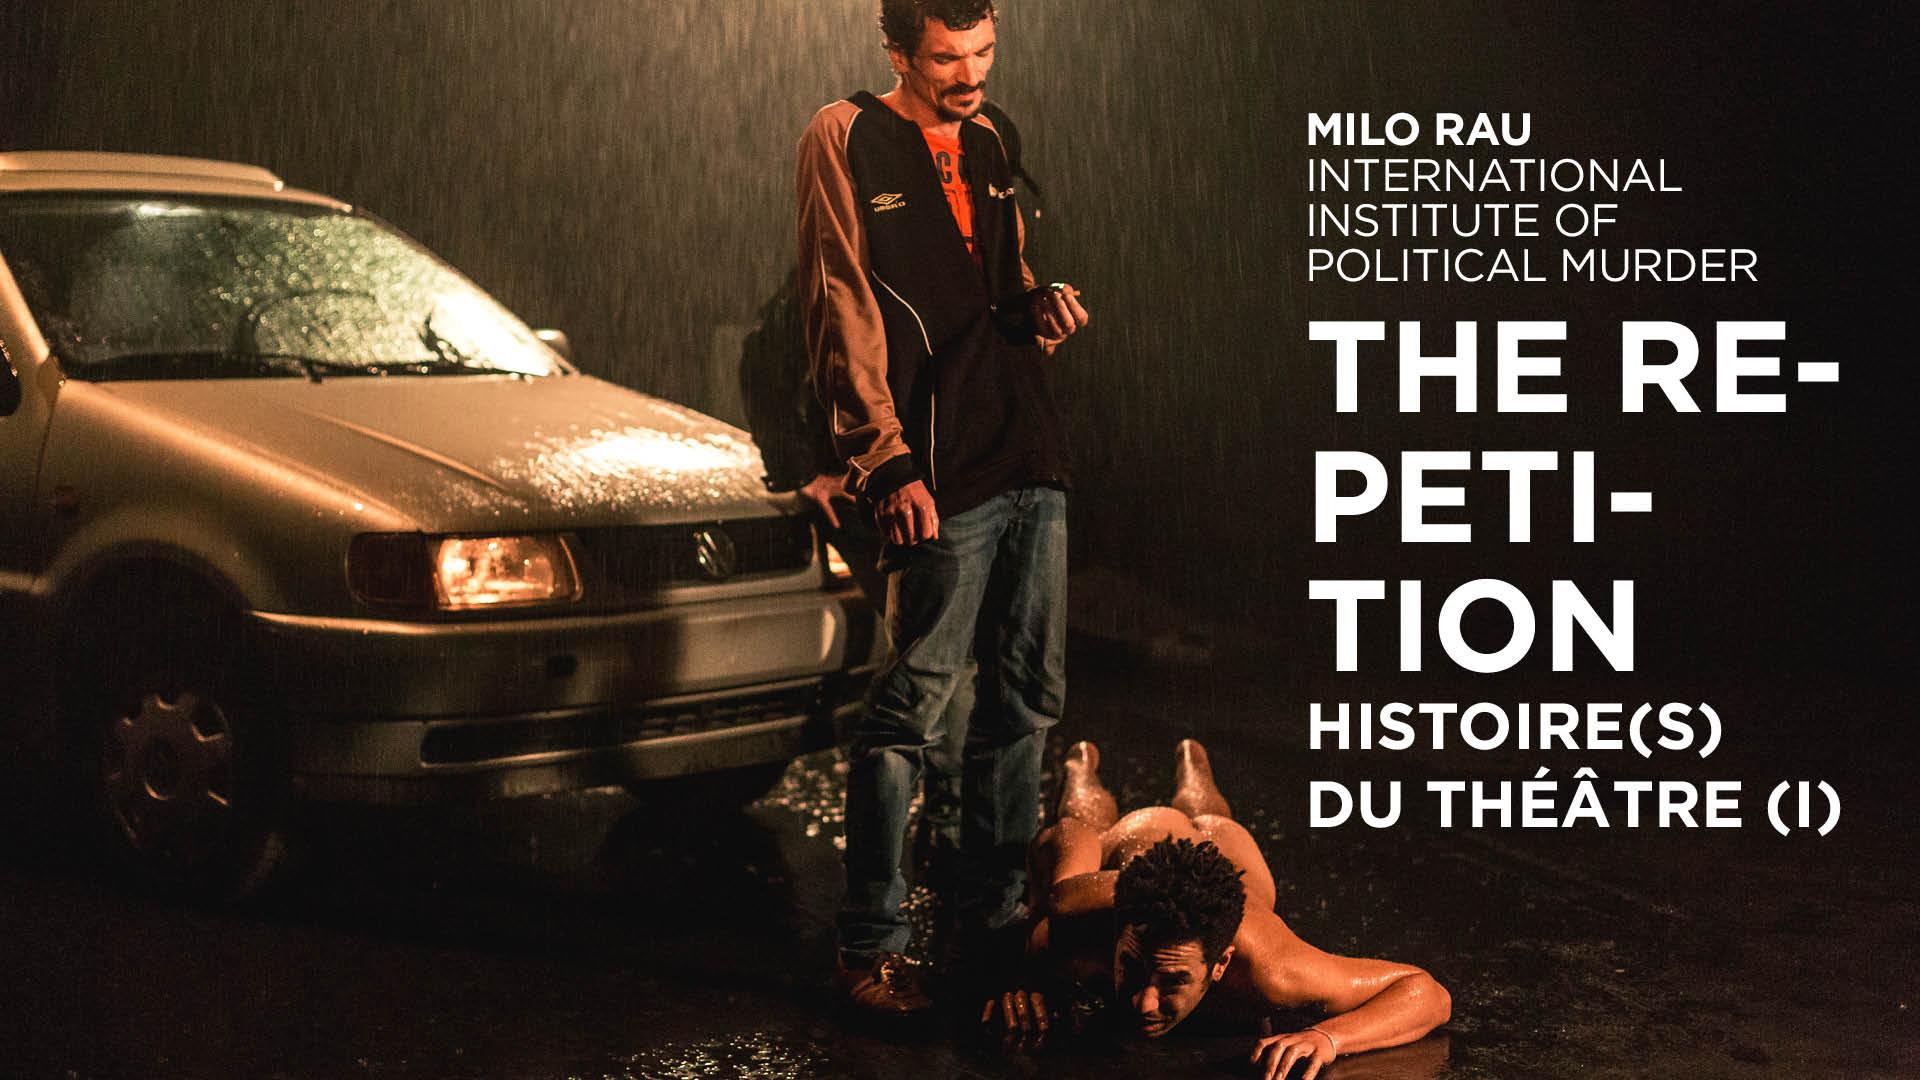 The Repetition di Milo Rau